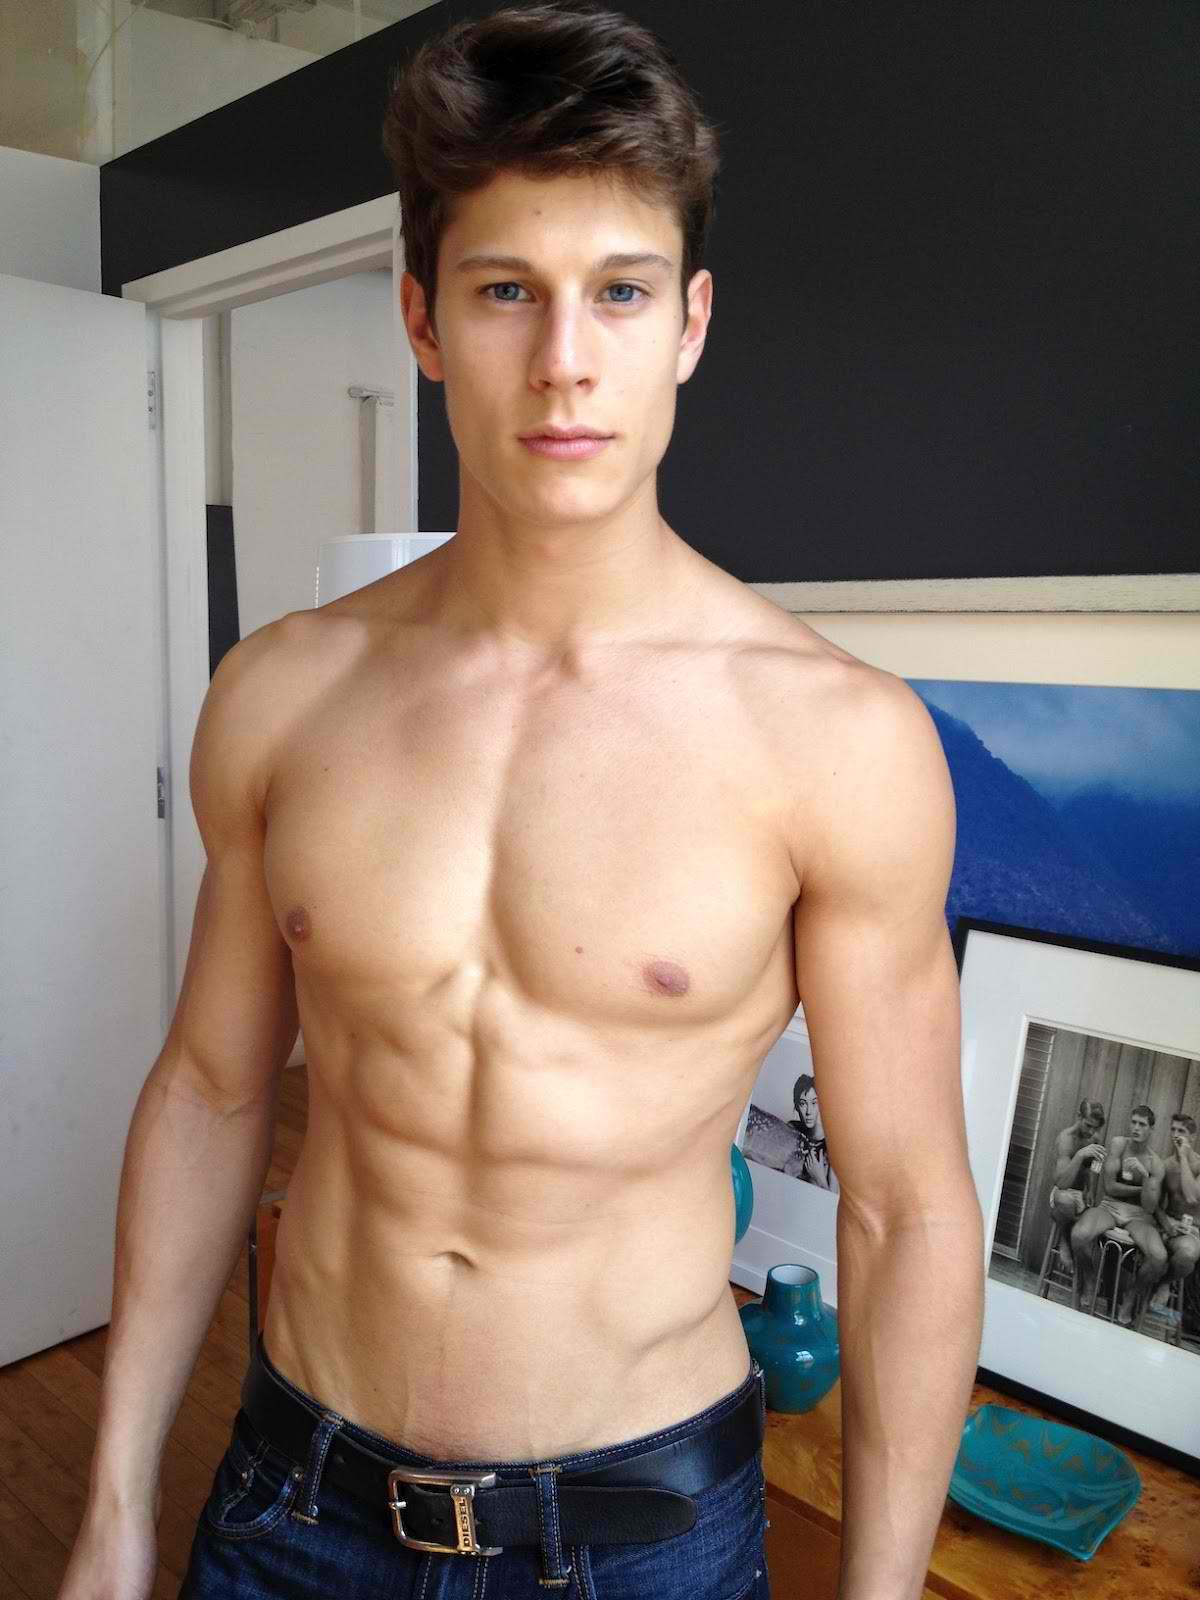 Male model body